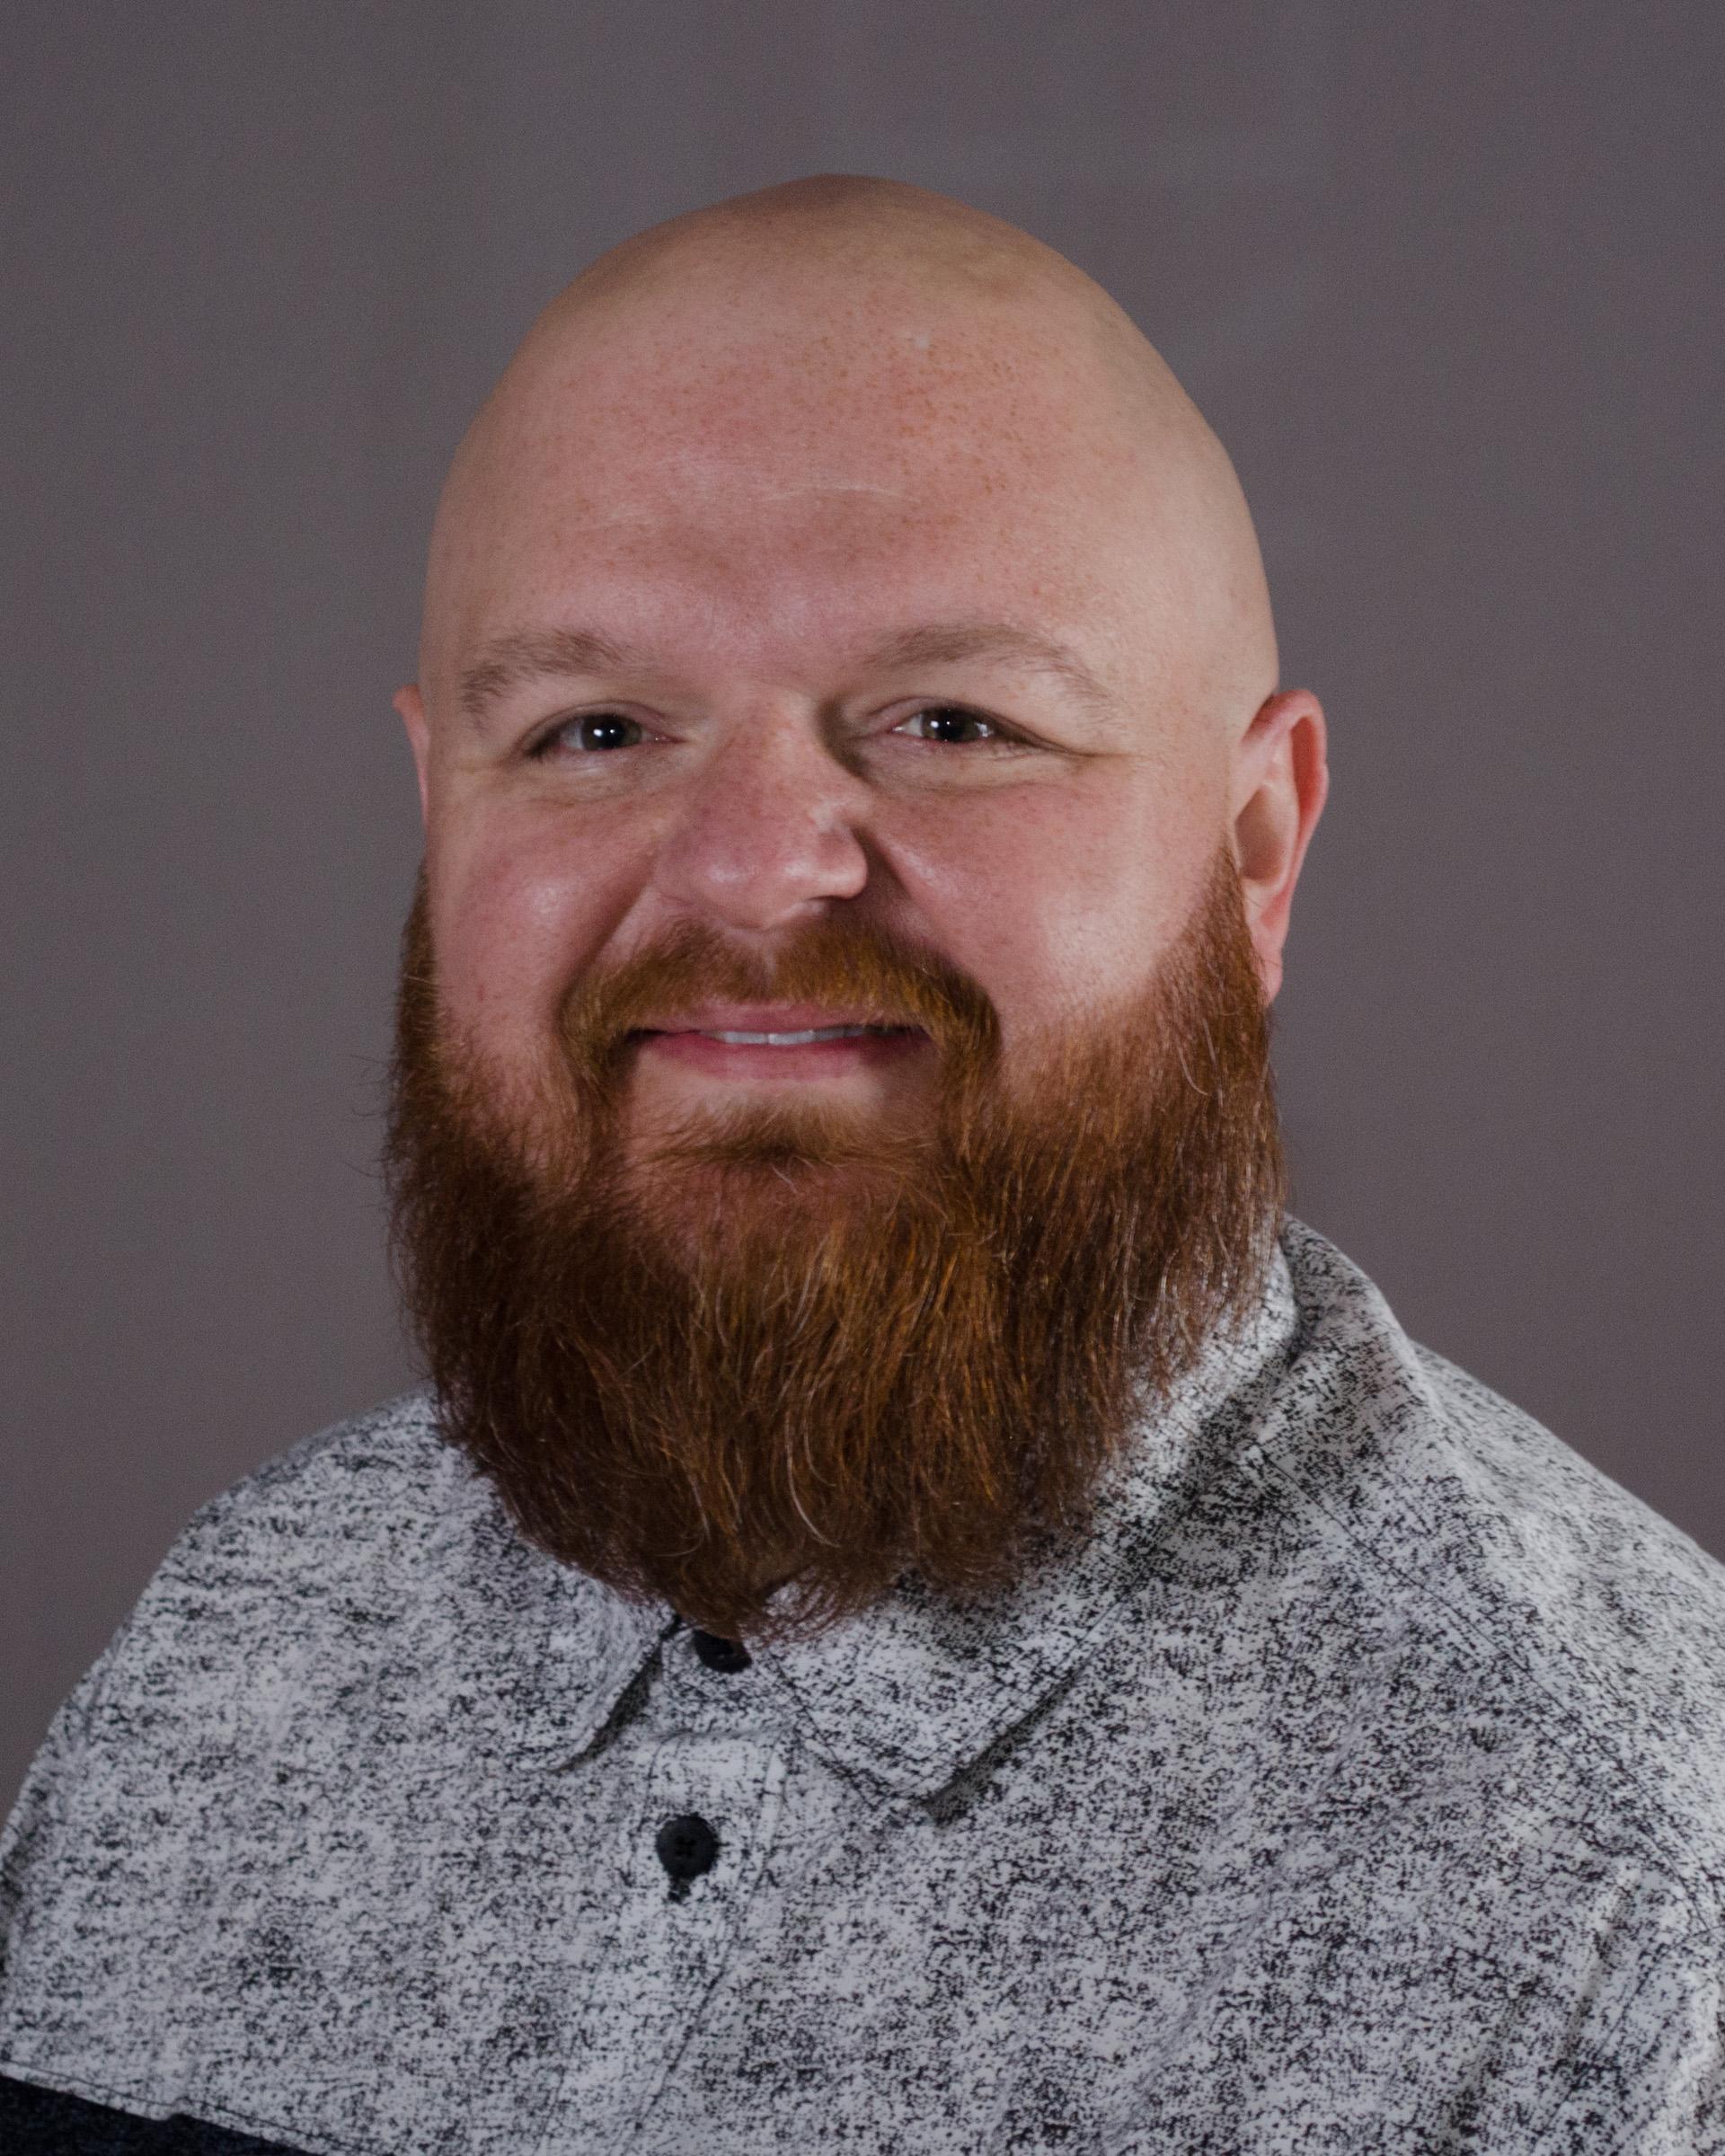 Ryan Sloan, Creative Director